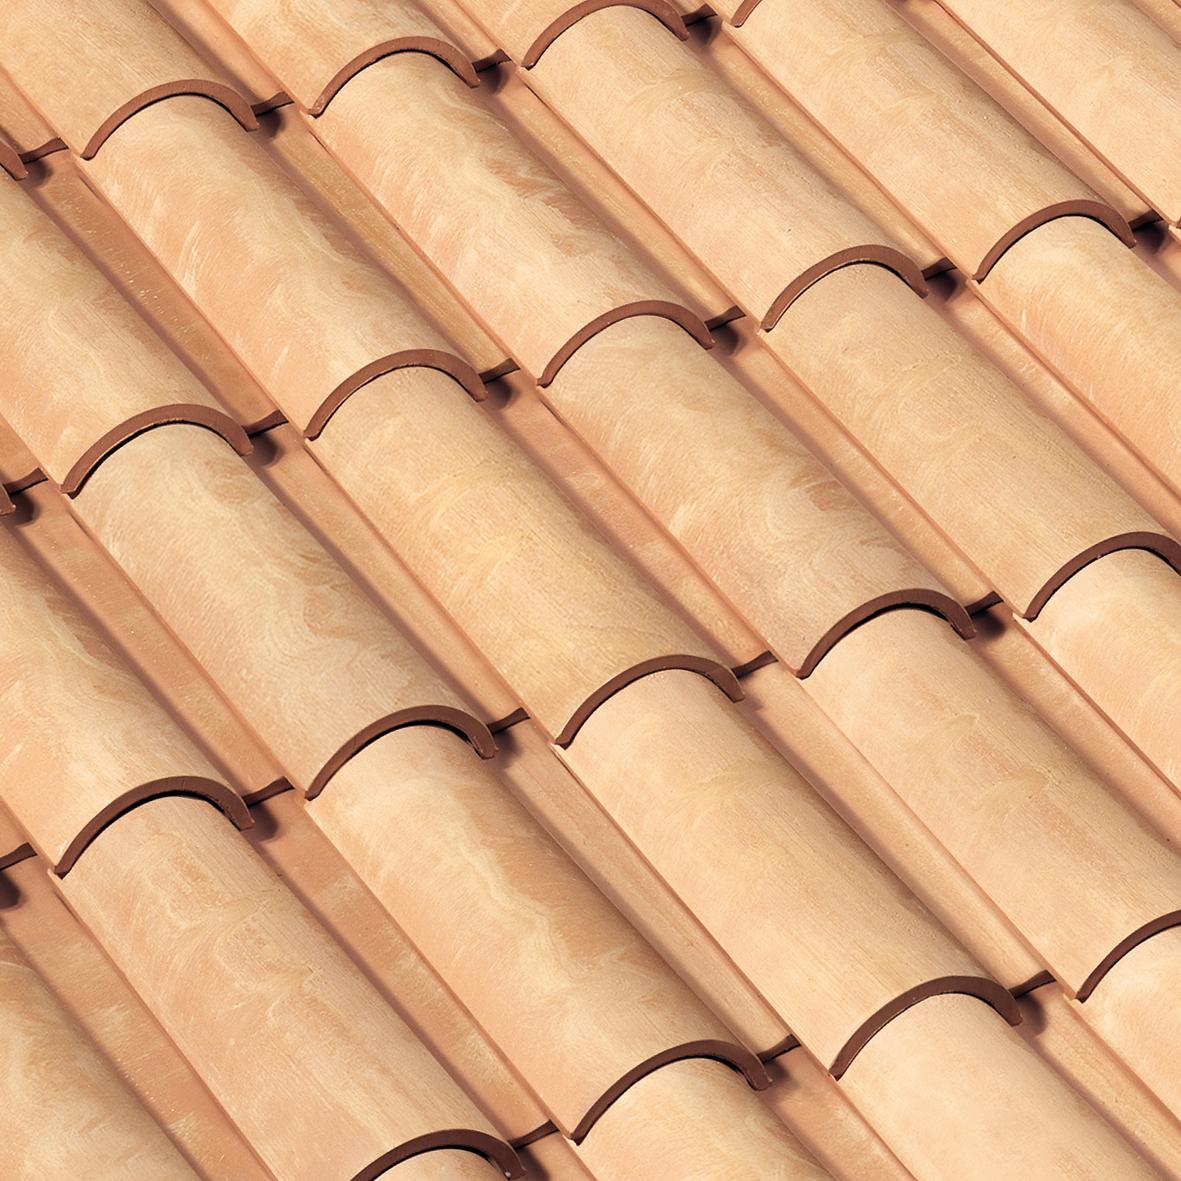 Clases de tejas para tejados affordable tejas para el hogar en madrid with clases de tejas para - Clases de tejas para tejados ...